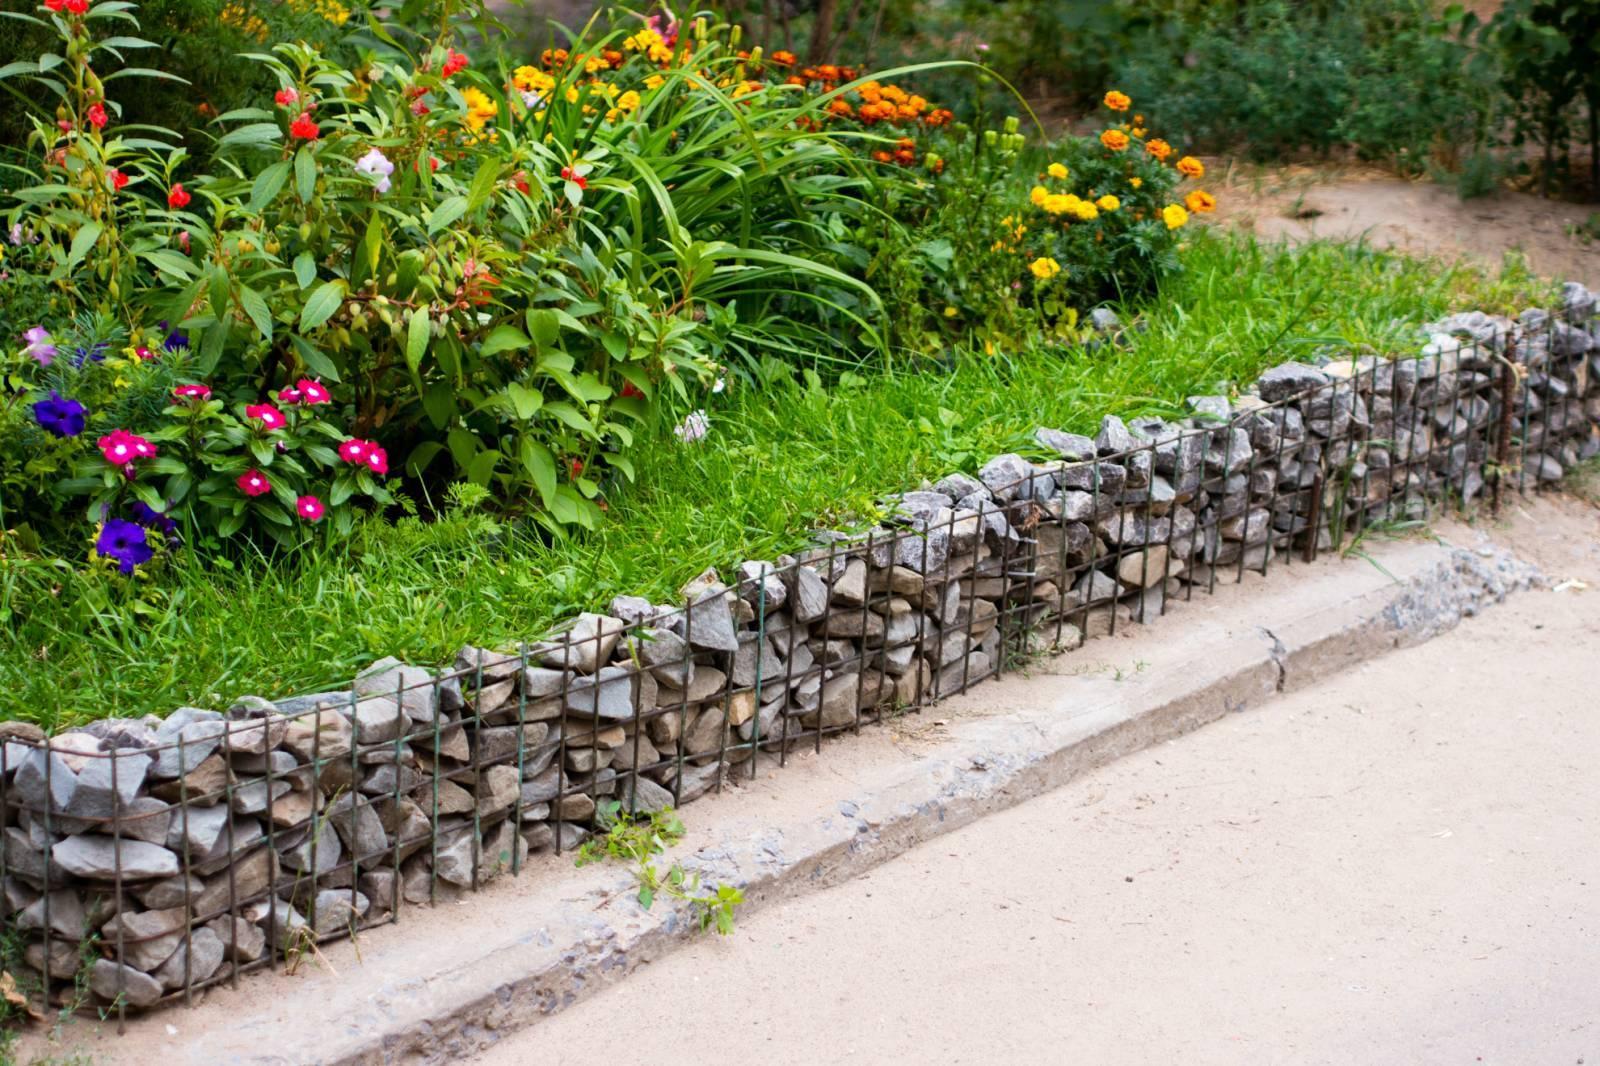 Бордюры для клумб своими руками: как сделать из камня, кирпича и других материалов